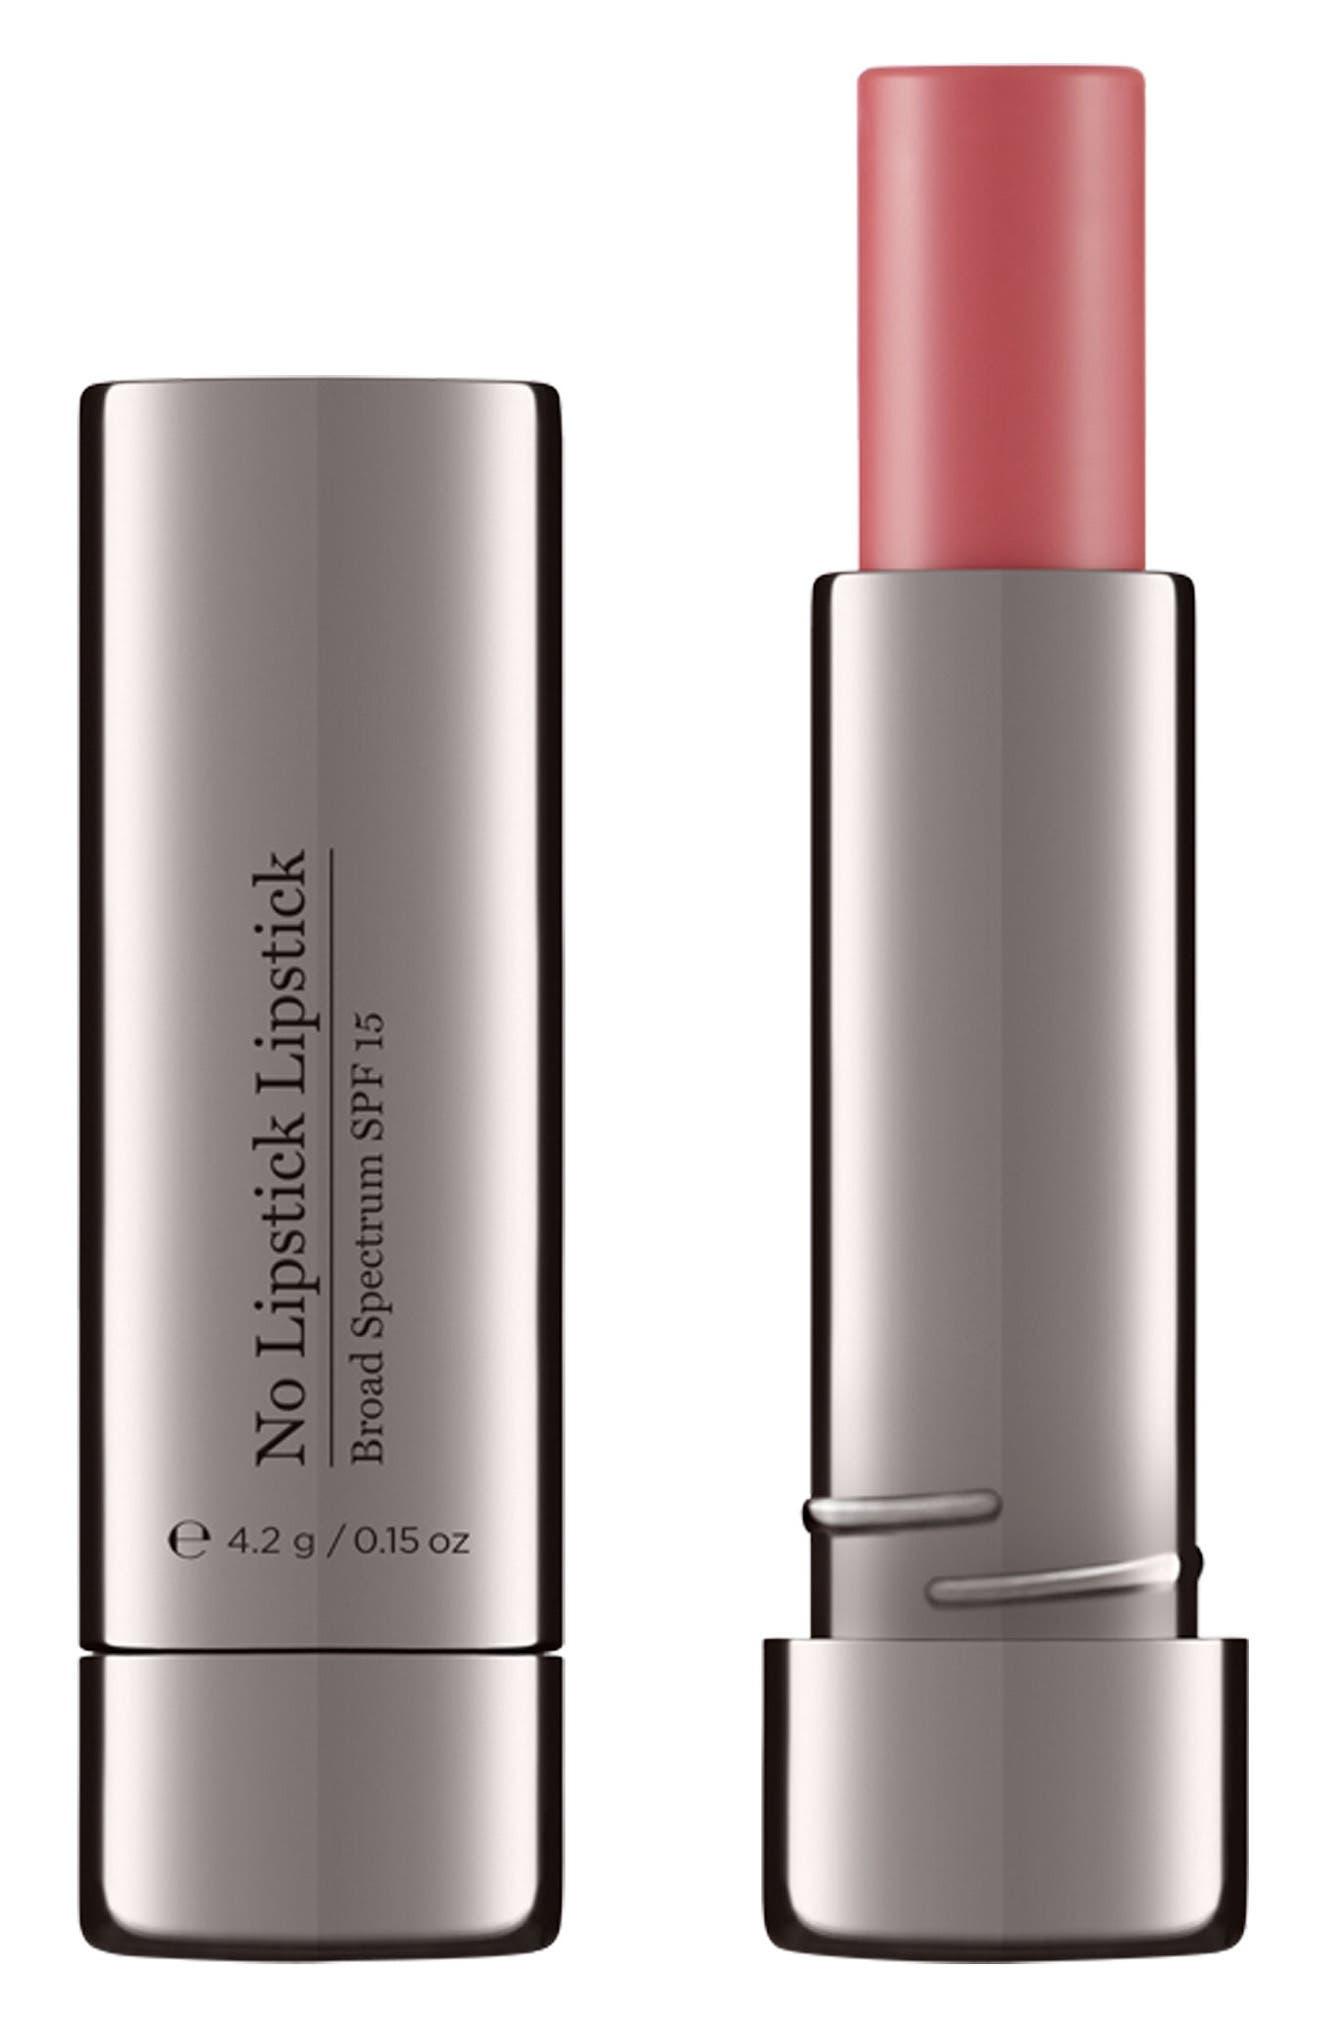 Main Image - Perricone MD No Lipstick Lipstick SPF 15